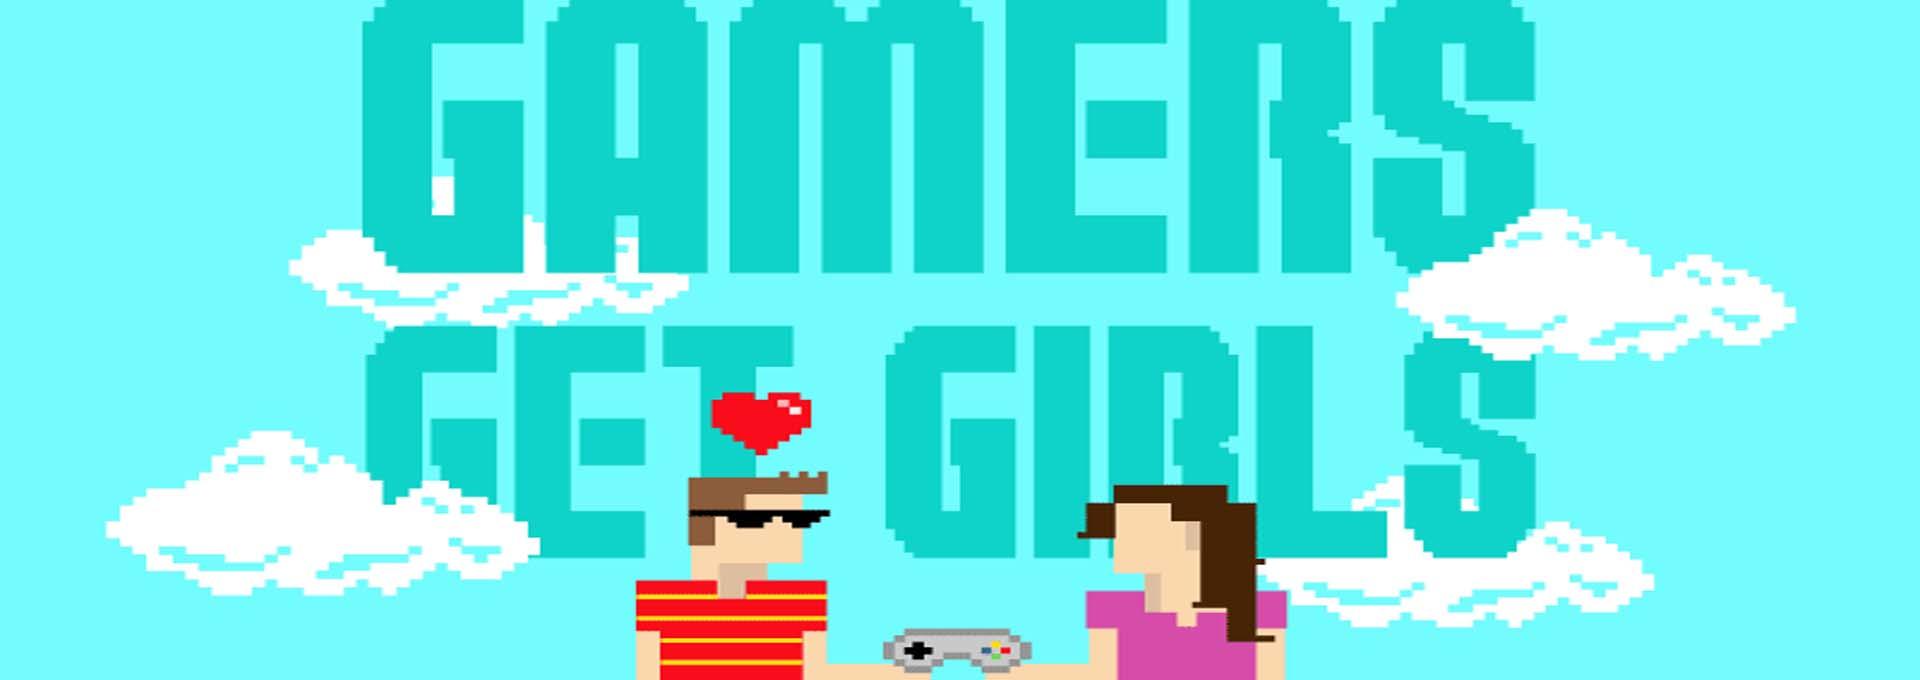 Jouer en ligne améliore-t-il notre vie amoureuse ?